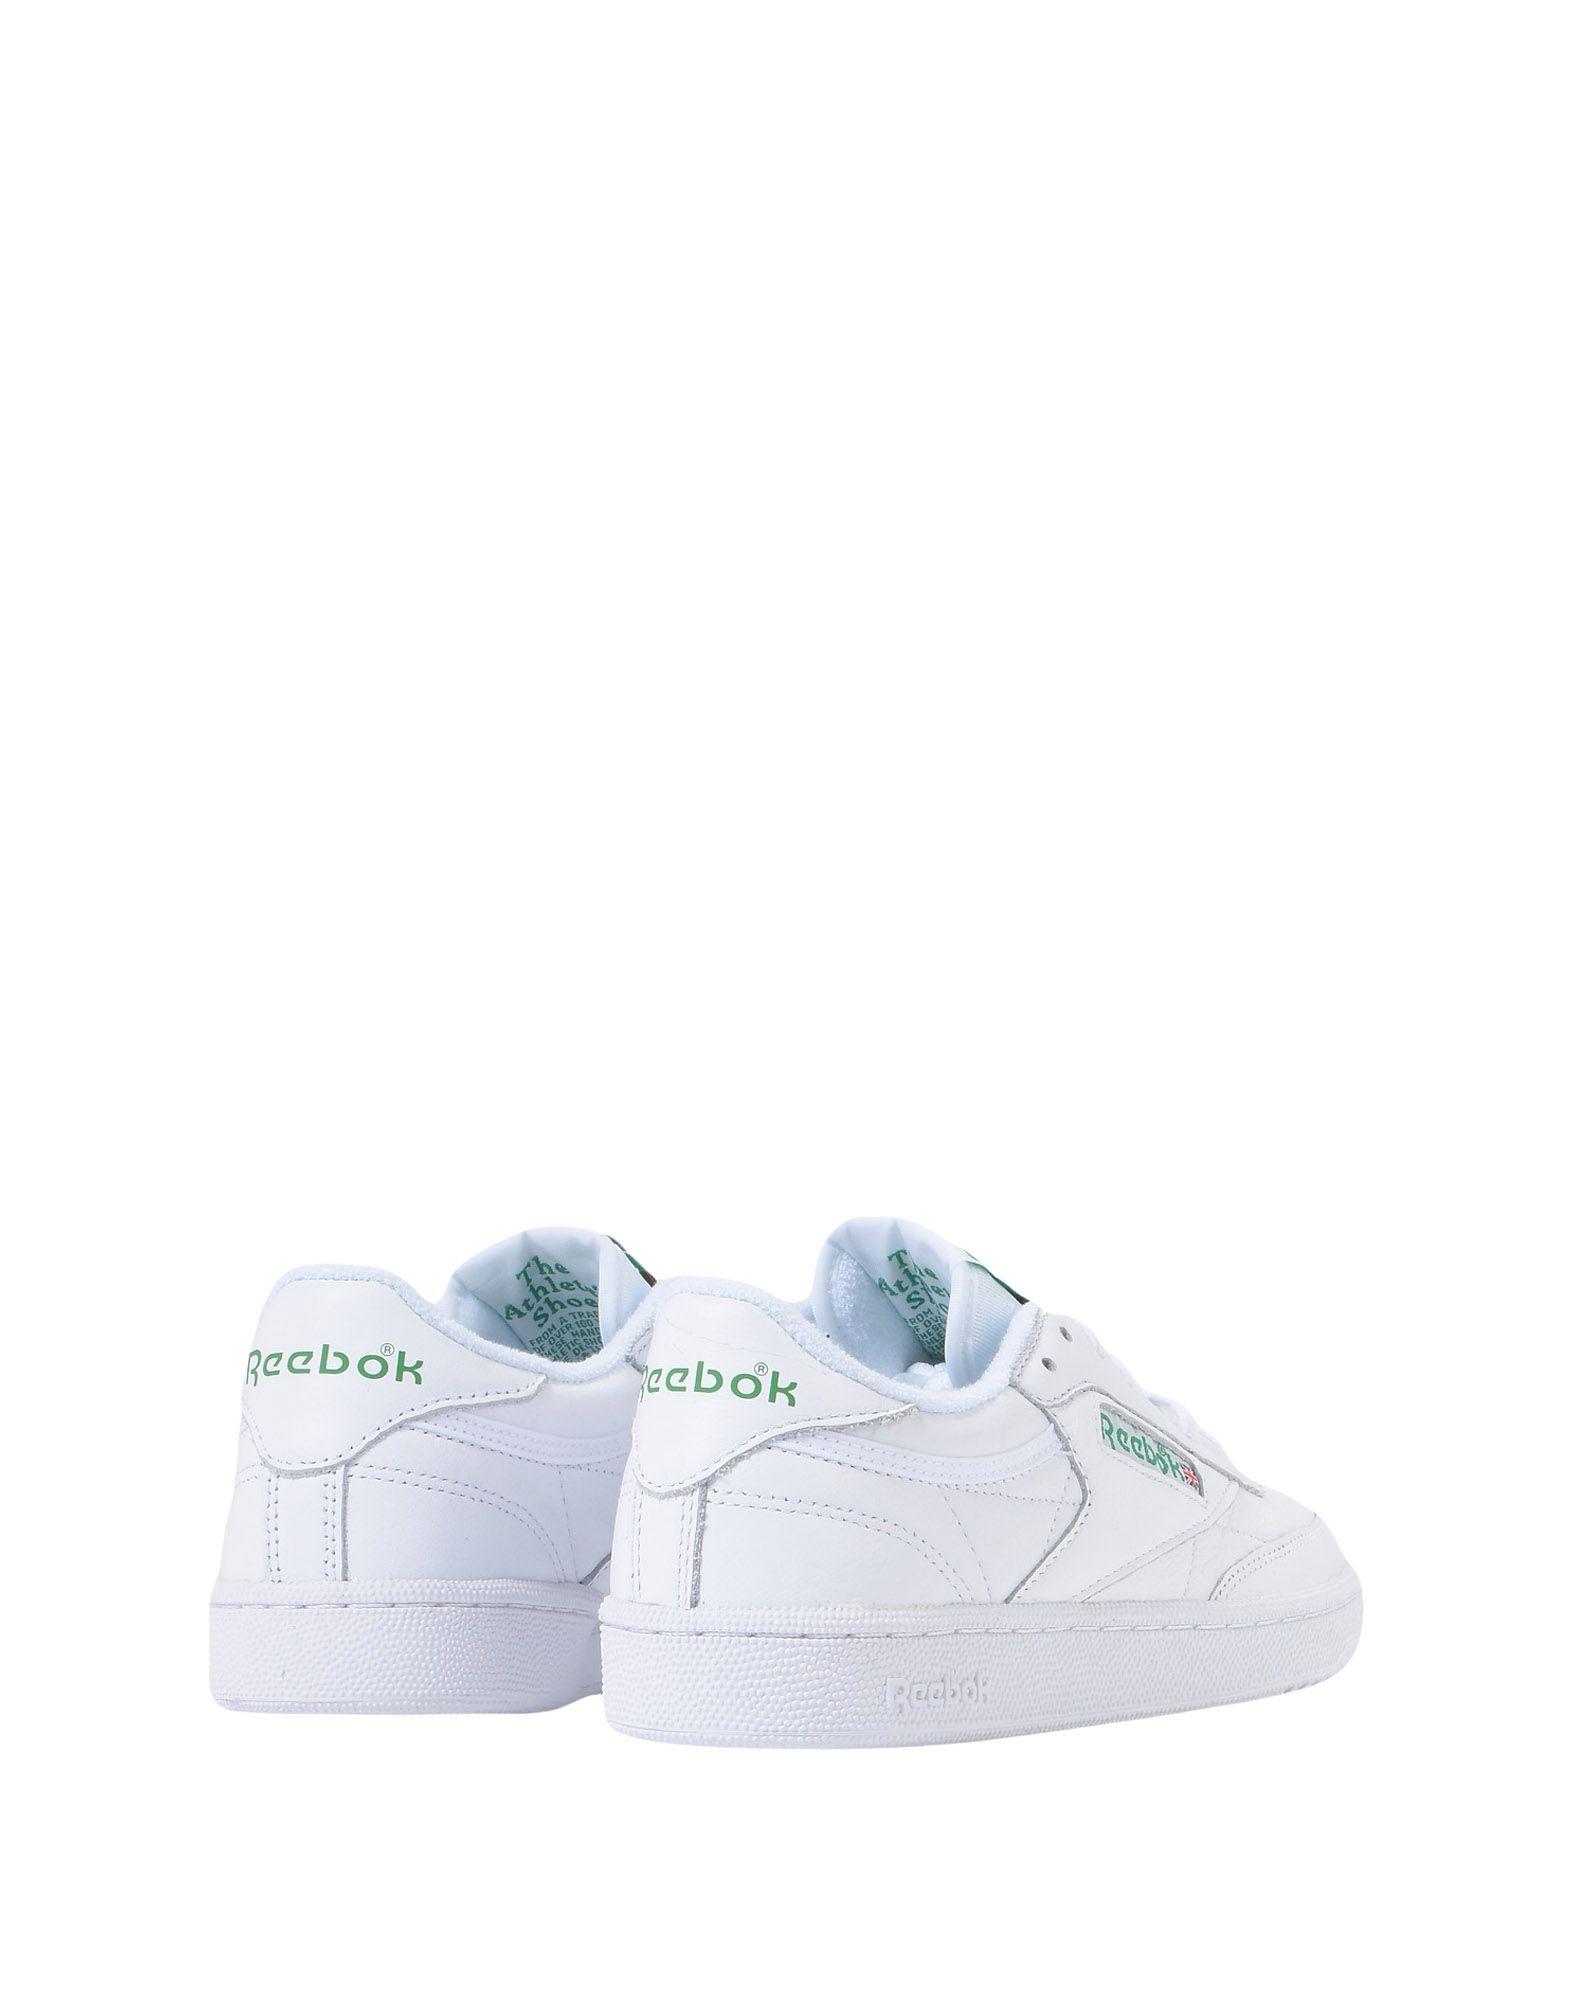 Reebok Club C 85 Qualität Archive  11443561II Gute Qualität 85 beliebte Schuhe ed8744